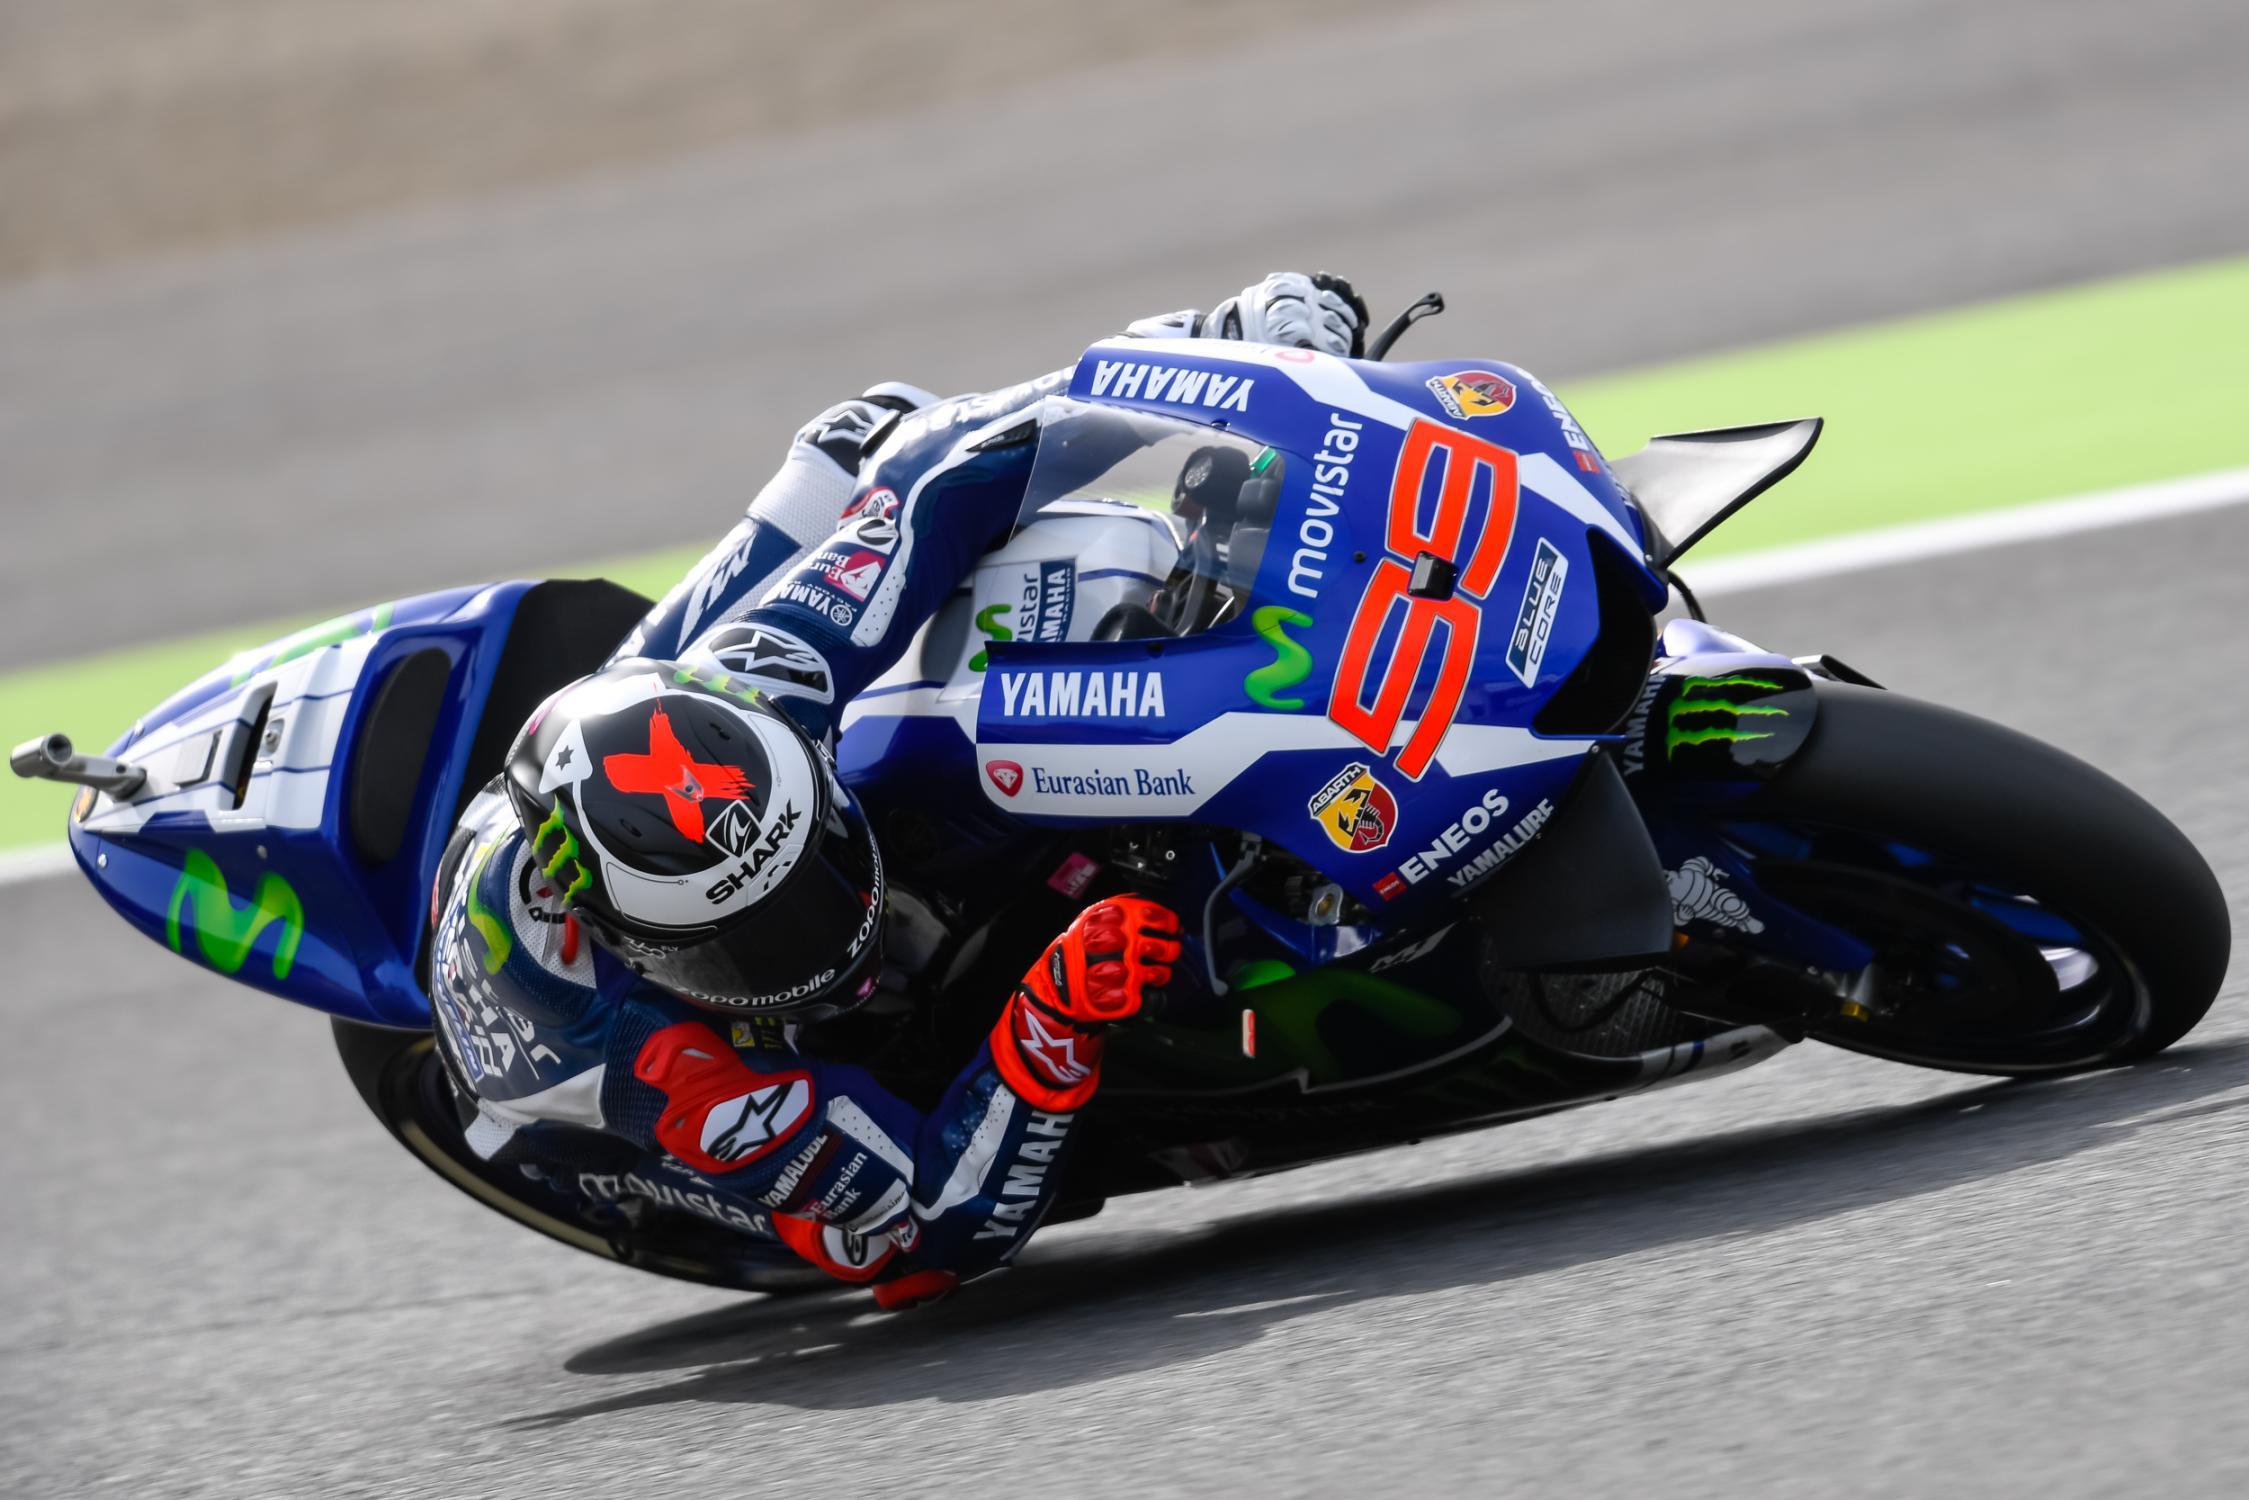 Miglior tempo per Lorenzo, il più rapido delle prime due sessioni di prove sul circuito di Motegi (foto da: motoblog.it)